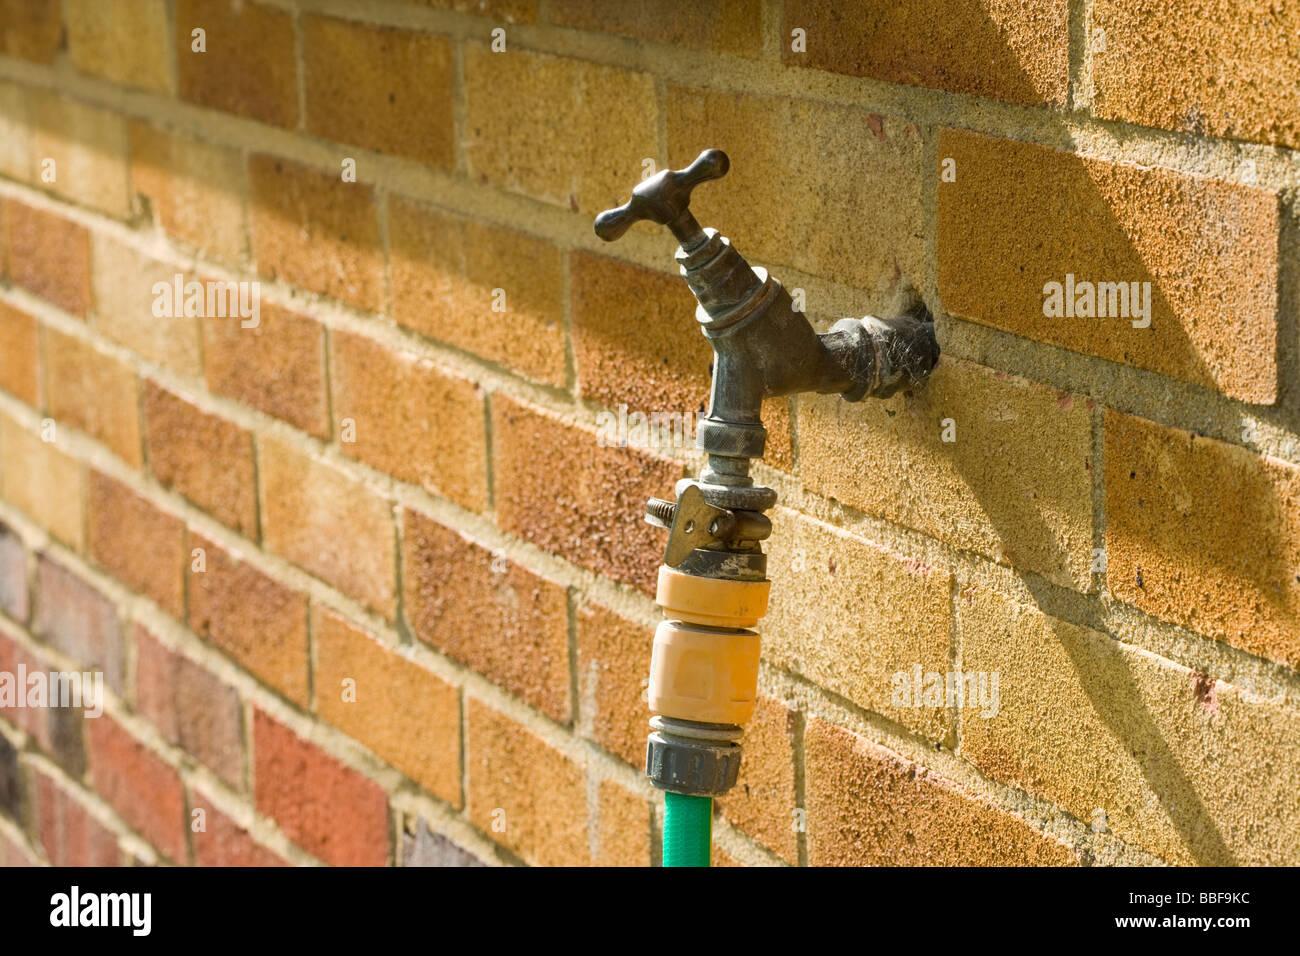 Appuyez avec le soutien de l'extérieur. Photo Stock